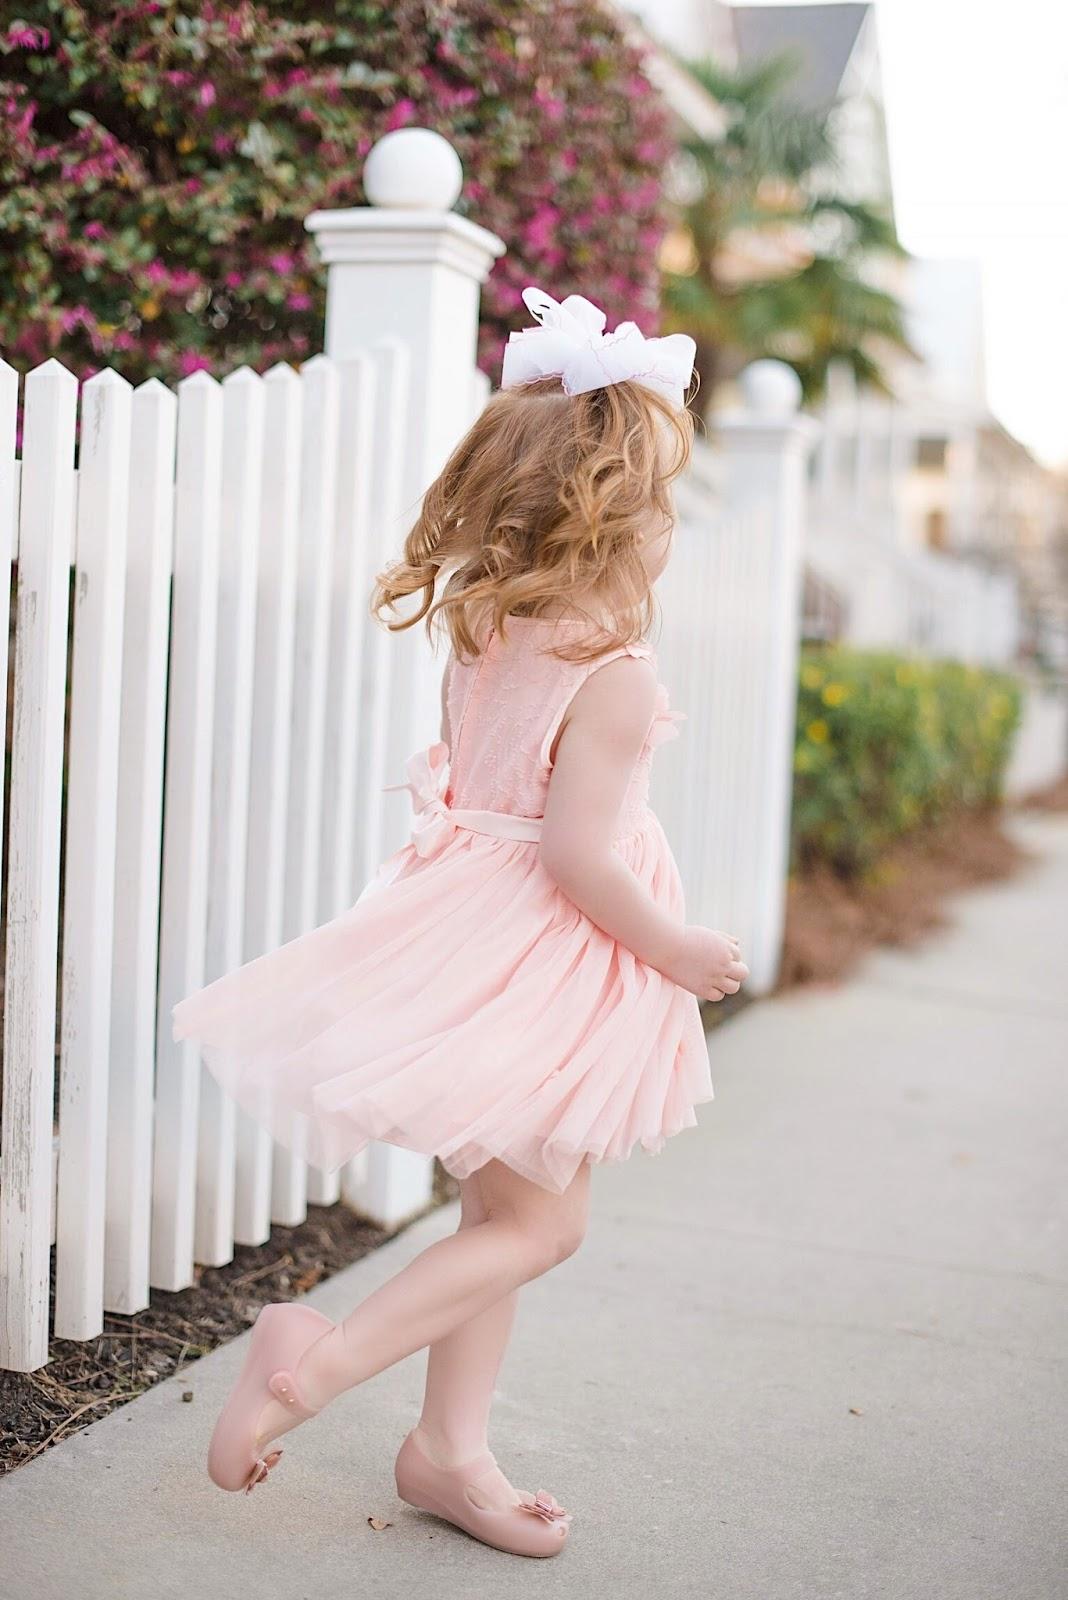 Toddler Girls Butterfly Dress - Something Delightful Blog